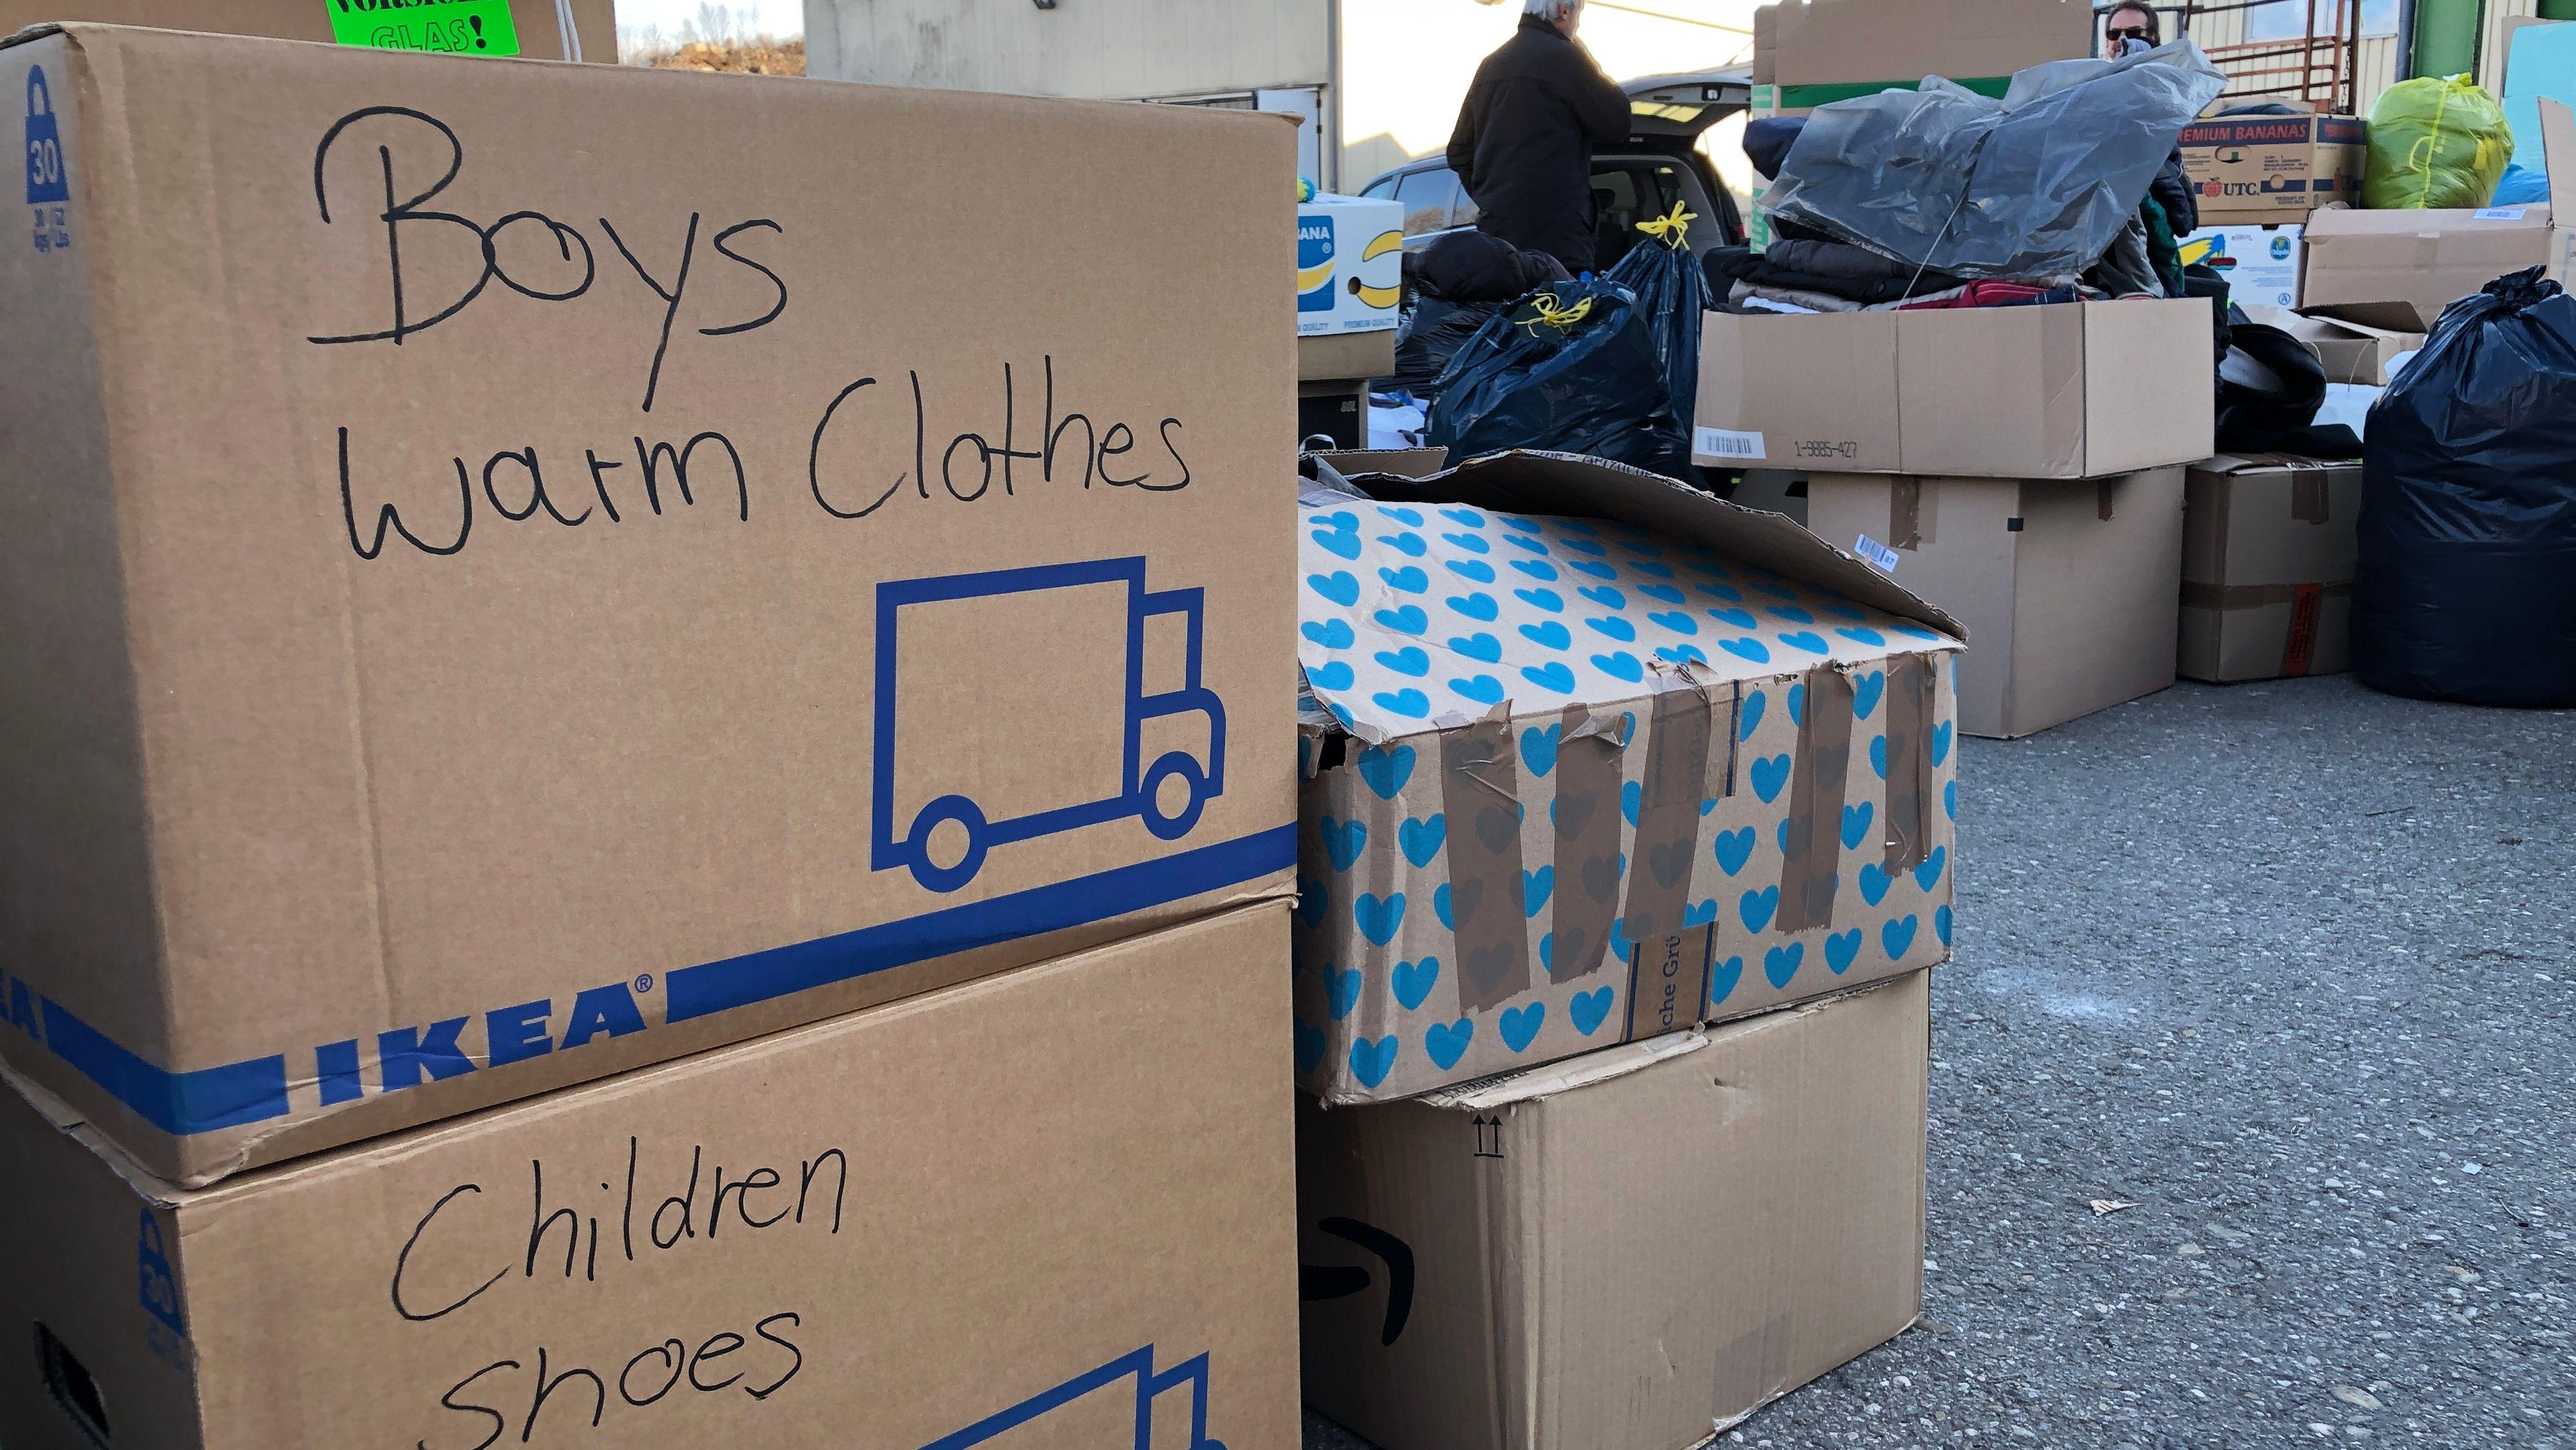 Kartons mit Kinderkleidung und -schuhen stehen auf dem Boden